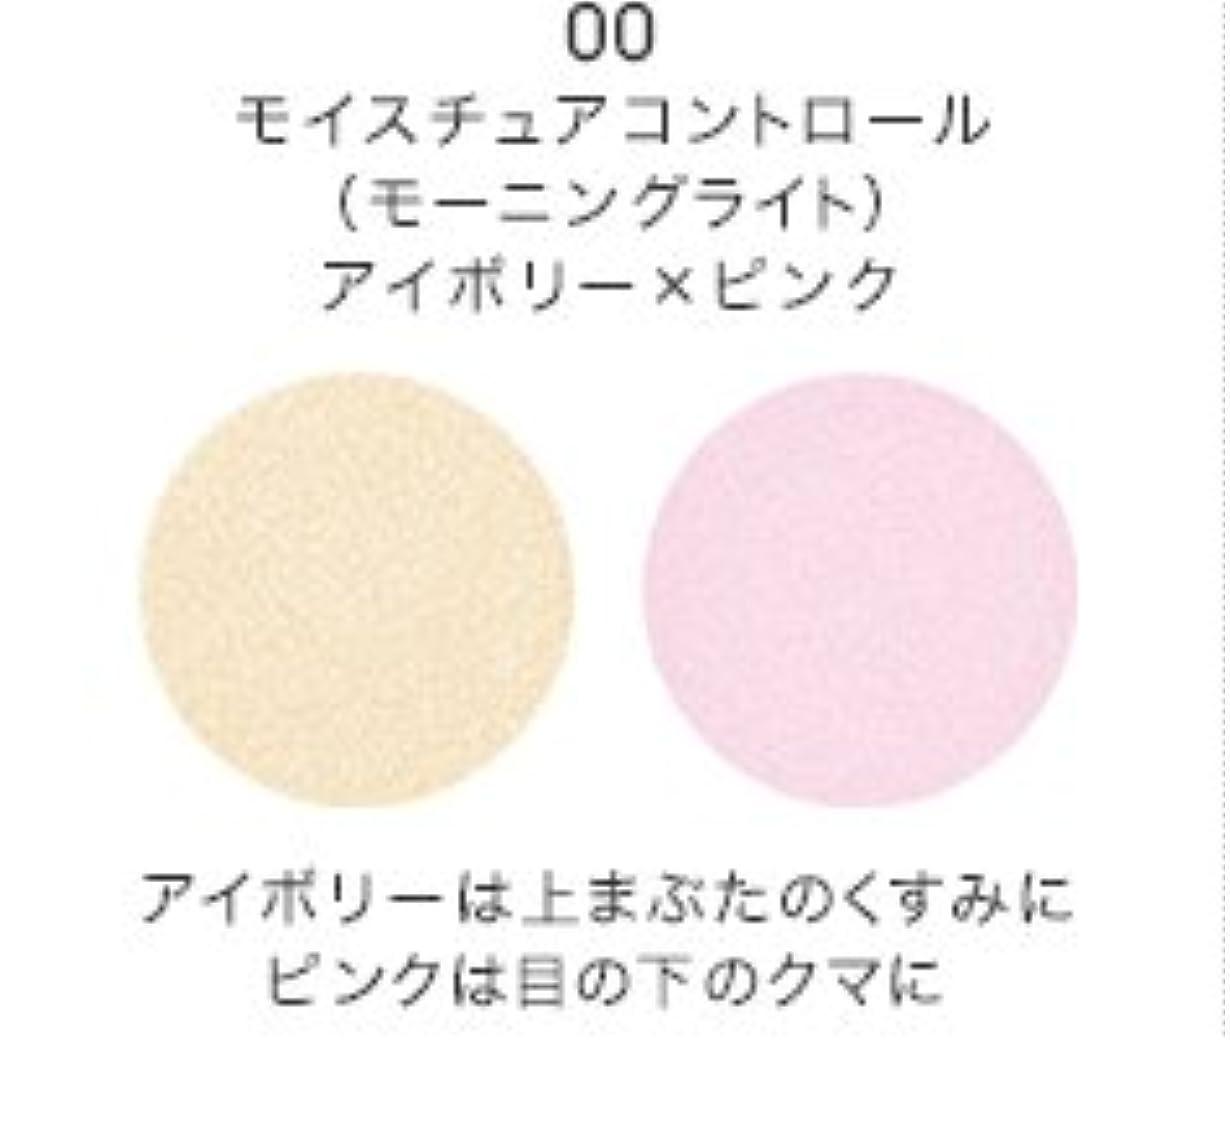 会計士専制縞模様の【MiMC】ビオモイスチュアシャドー (00 モイスチュアコントロール(モーニングライト))